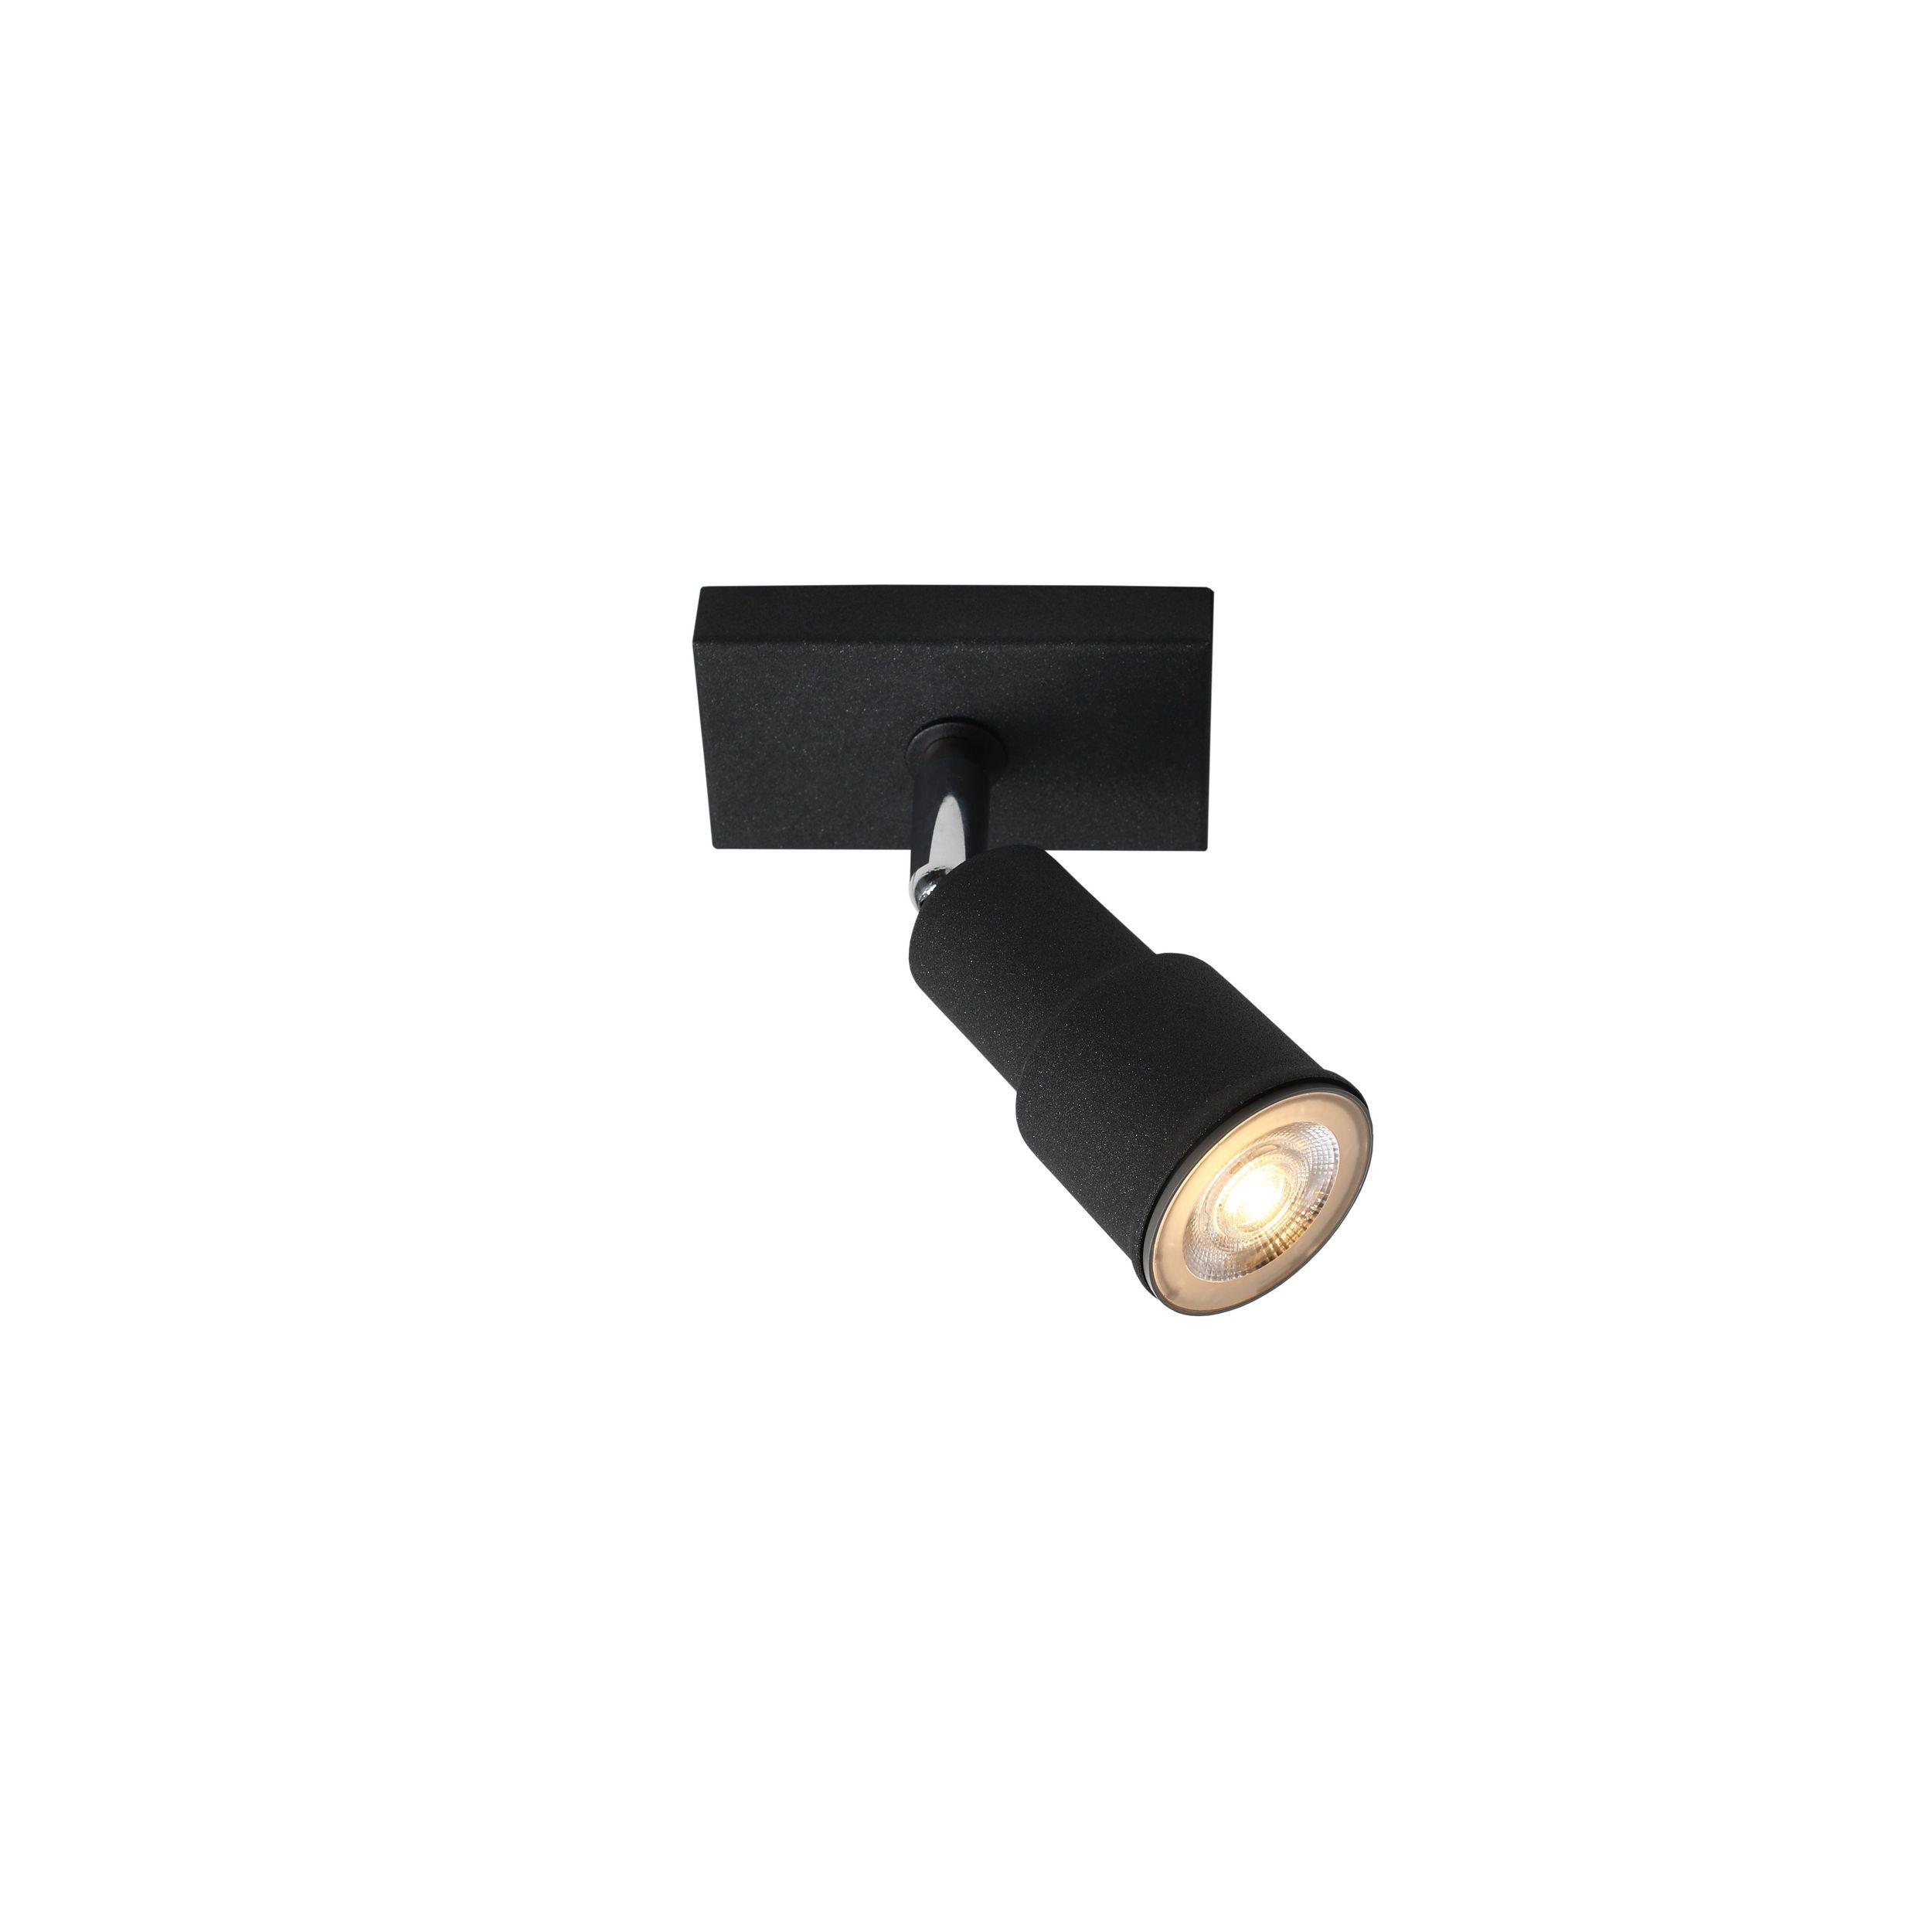 Plafon Aldex x1 Aspo Black 985PL/G1